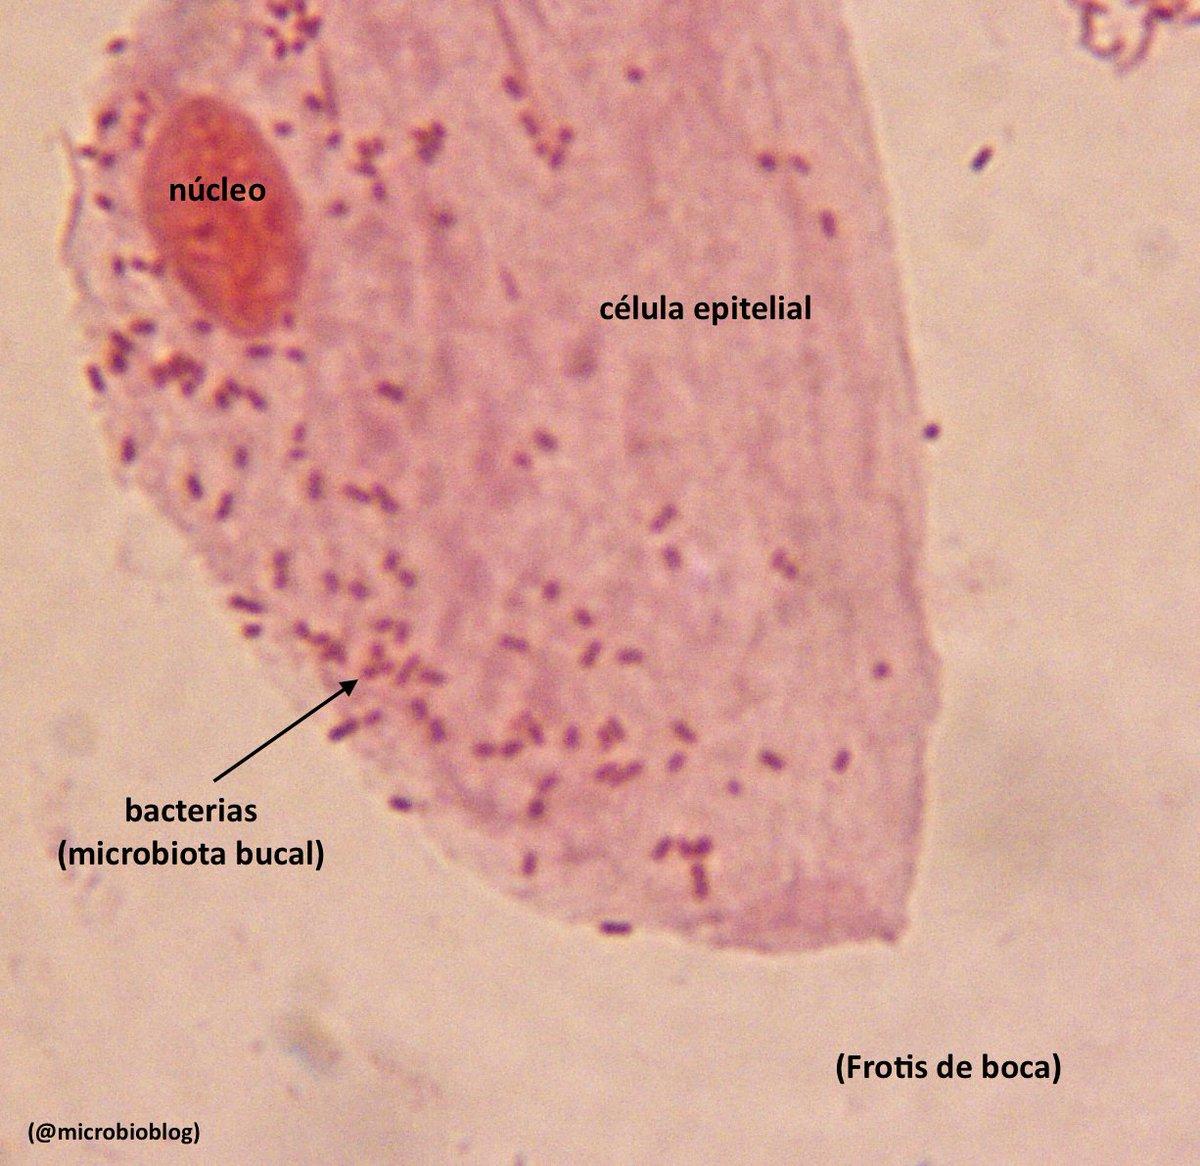 Frotis de boca: compara el tamaño entre una bacteria y una célula epitelial de la boca #microMOOCSEM https://t.co/wb2CY0HIJh